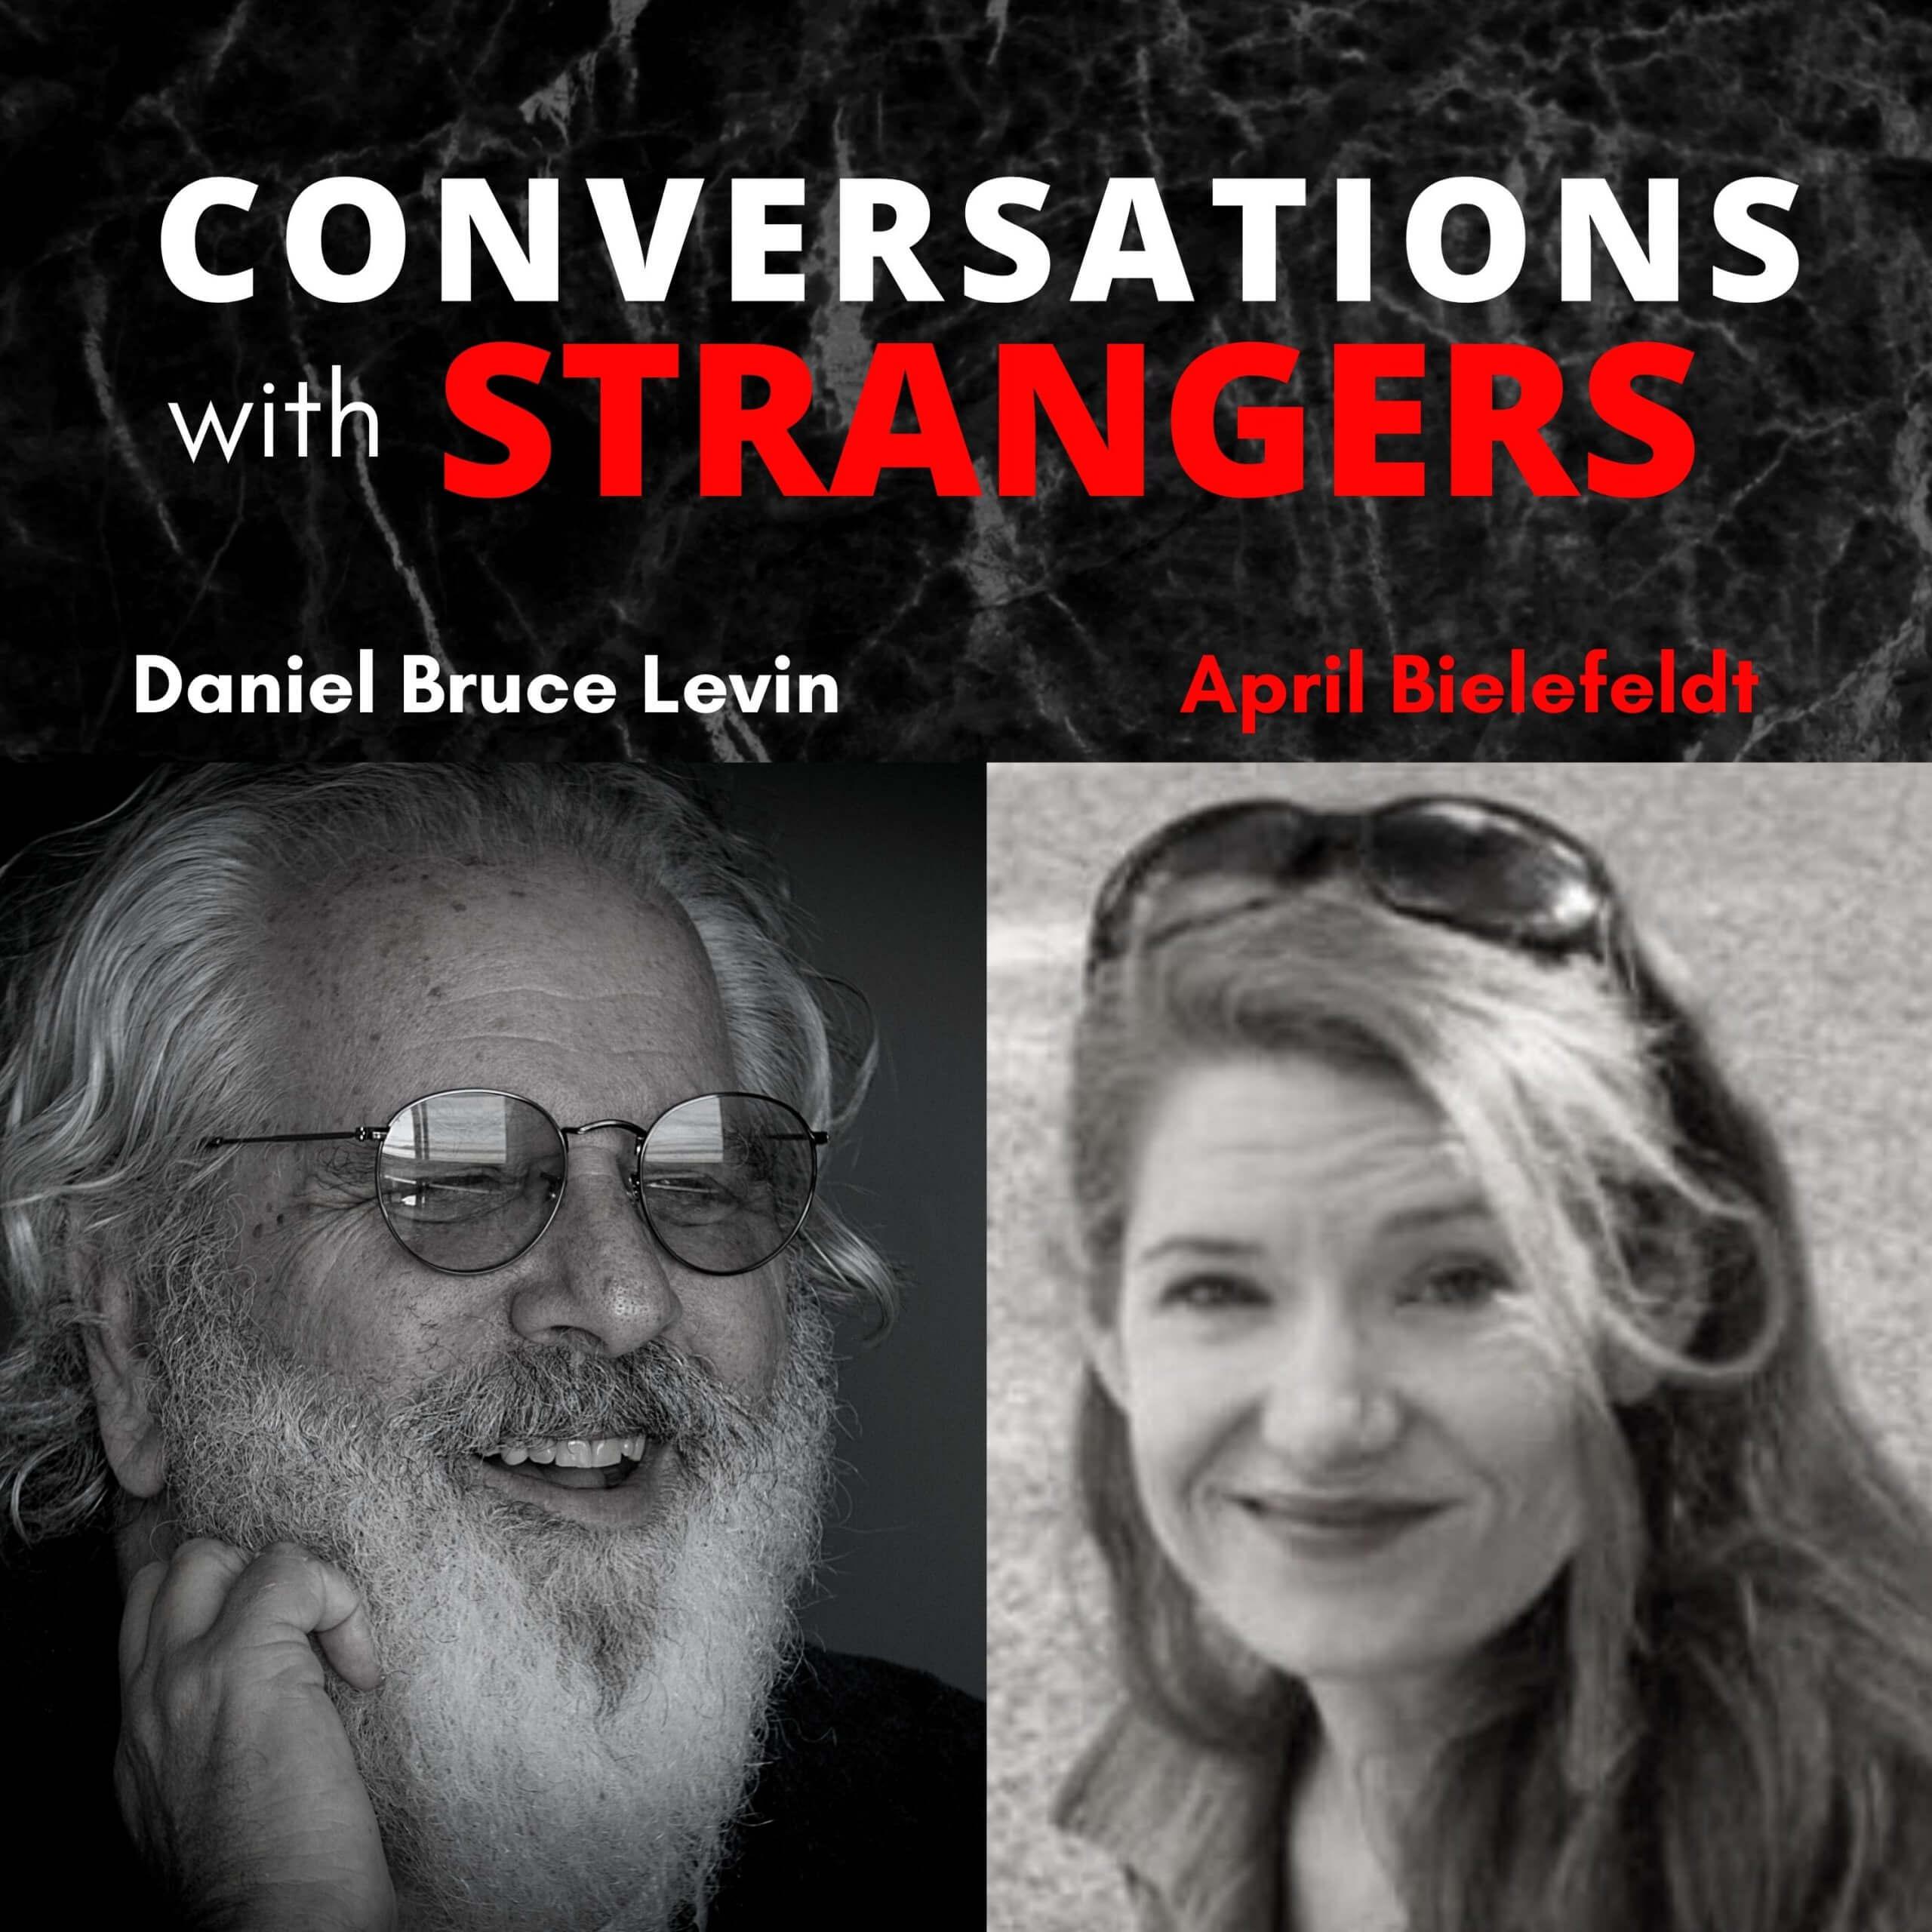 Conversations with Strangers feat. April Bielefeldt